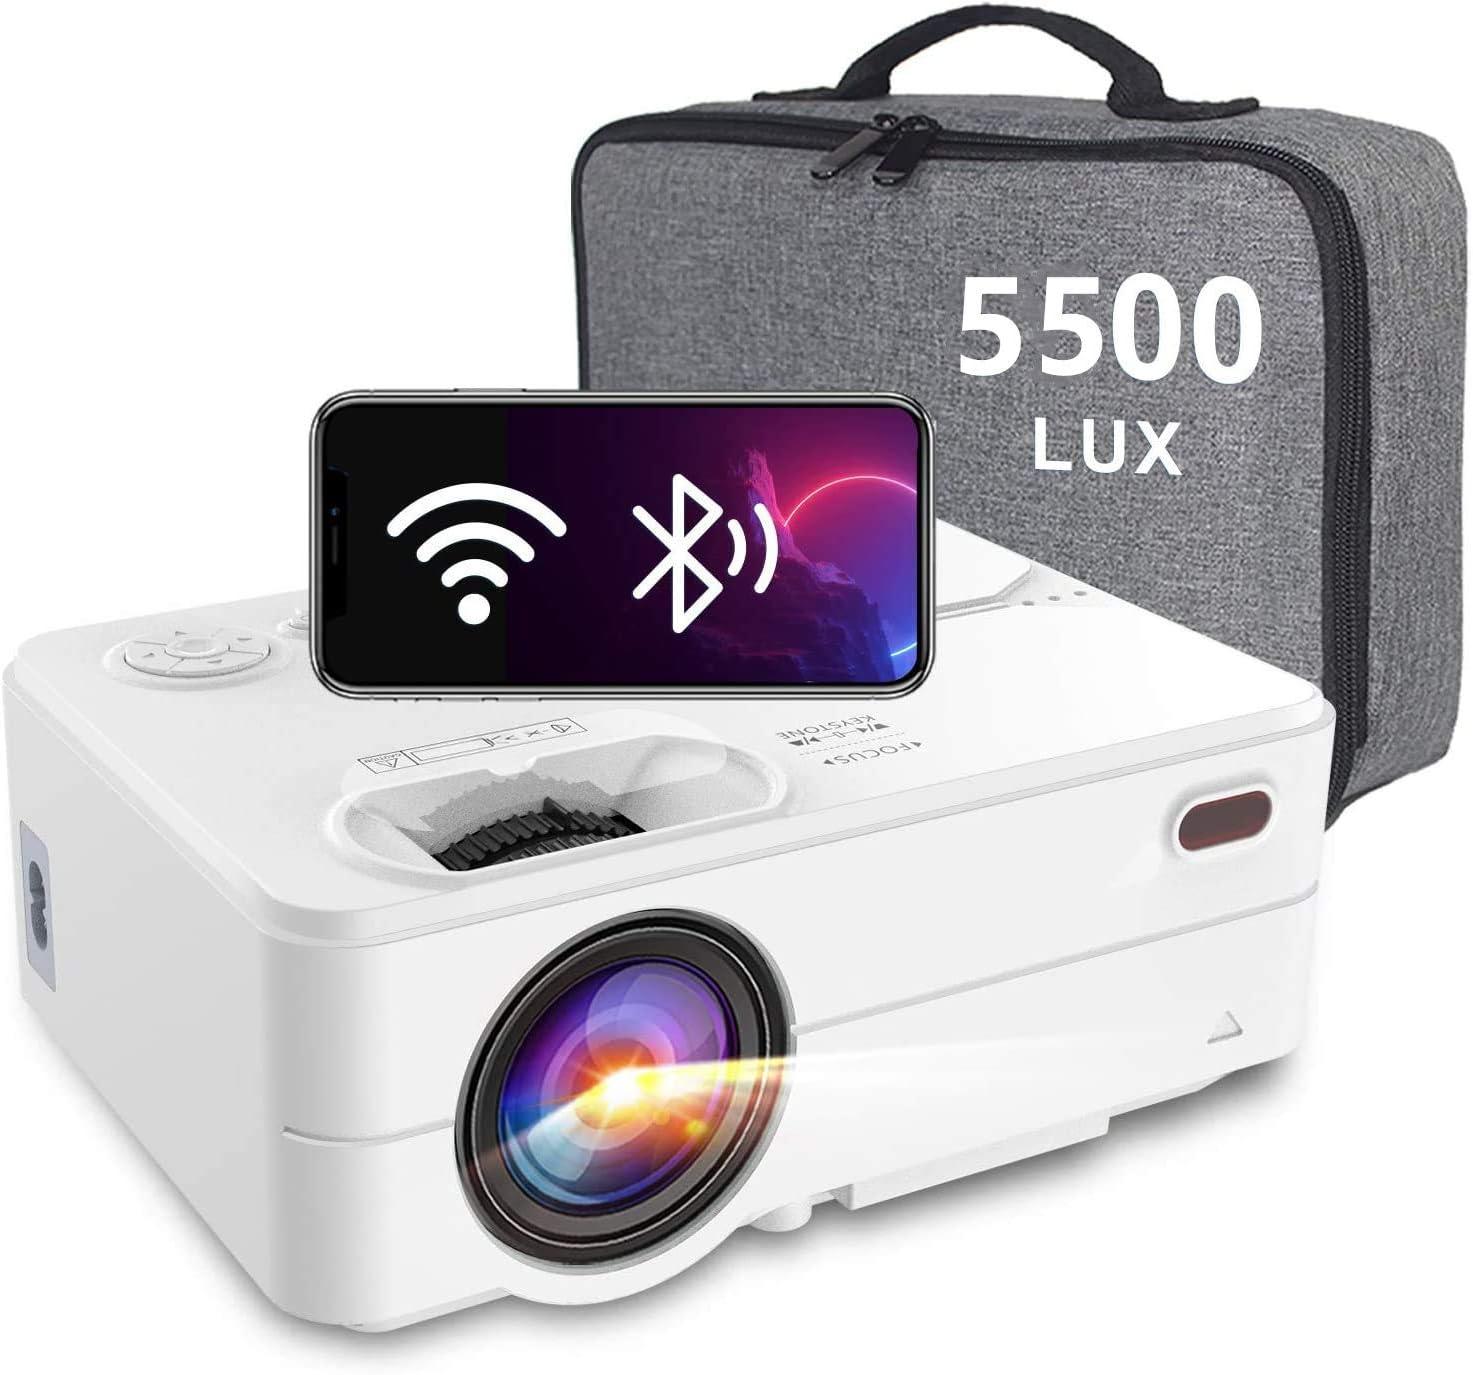 Mini Projector - Artlii Enjoy 2 HD WiFi Bluetooth Projector, 5500L 300